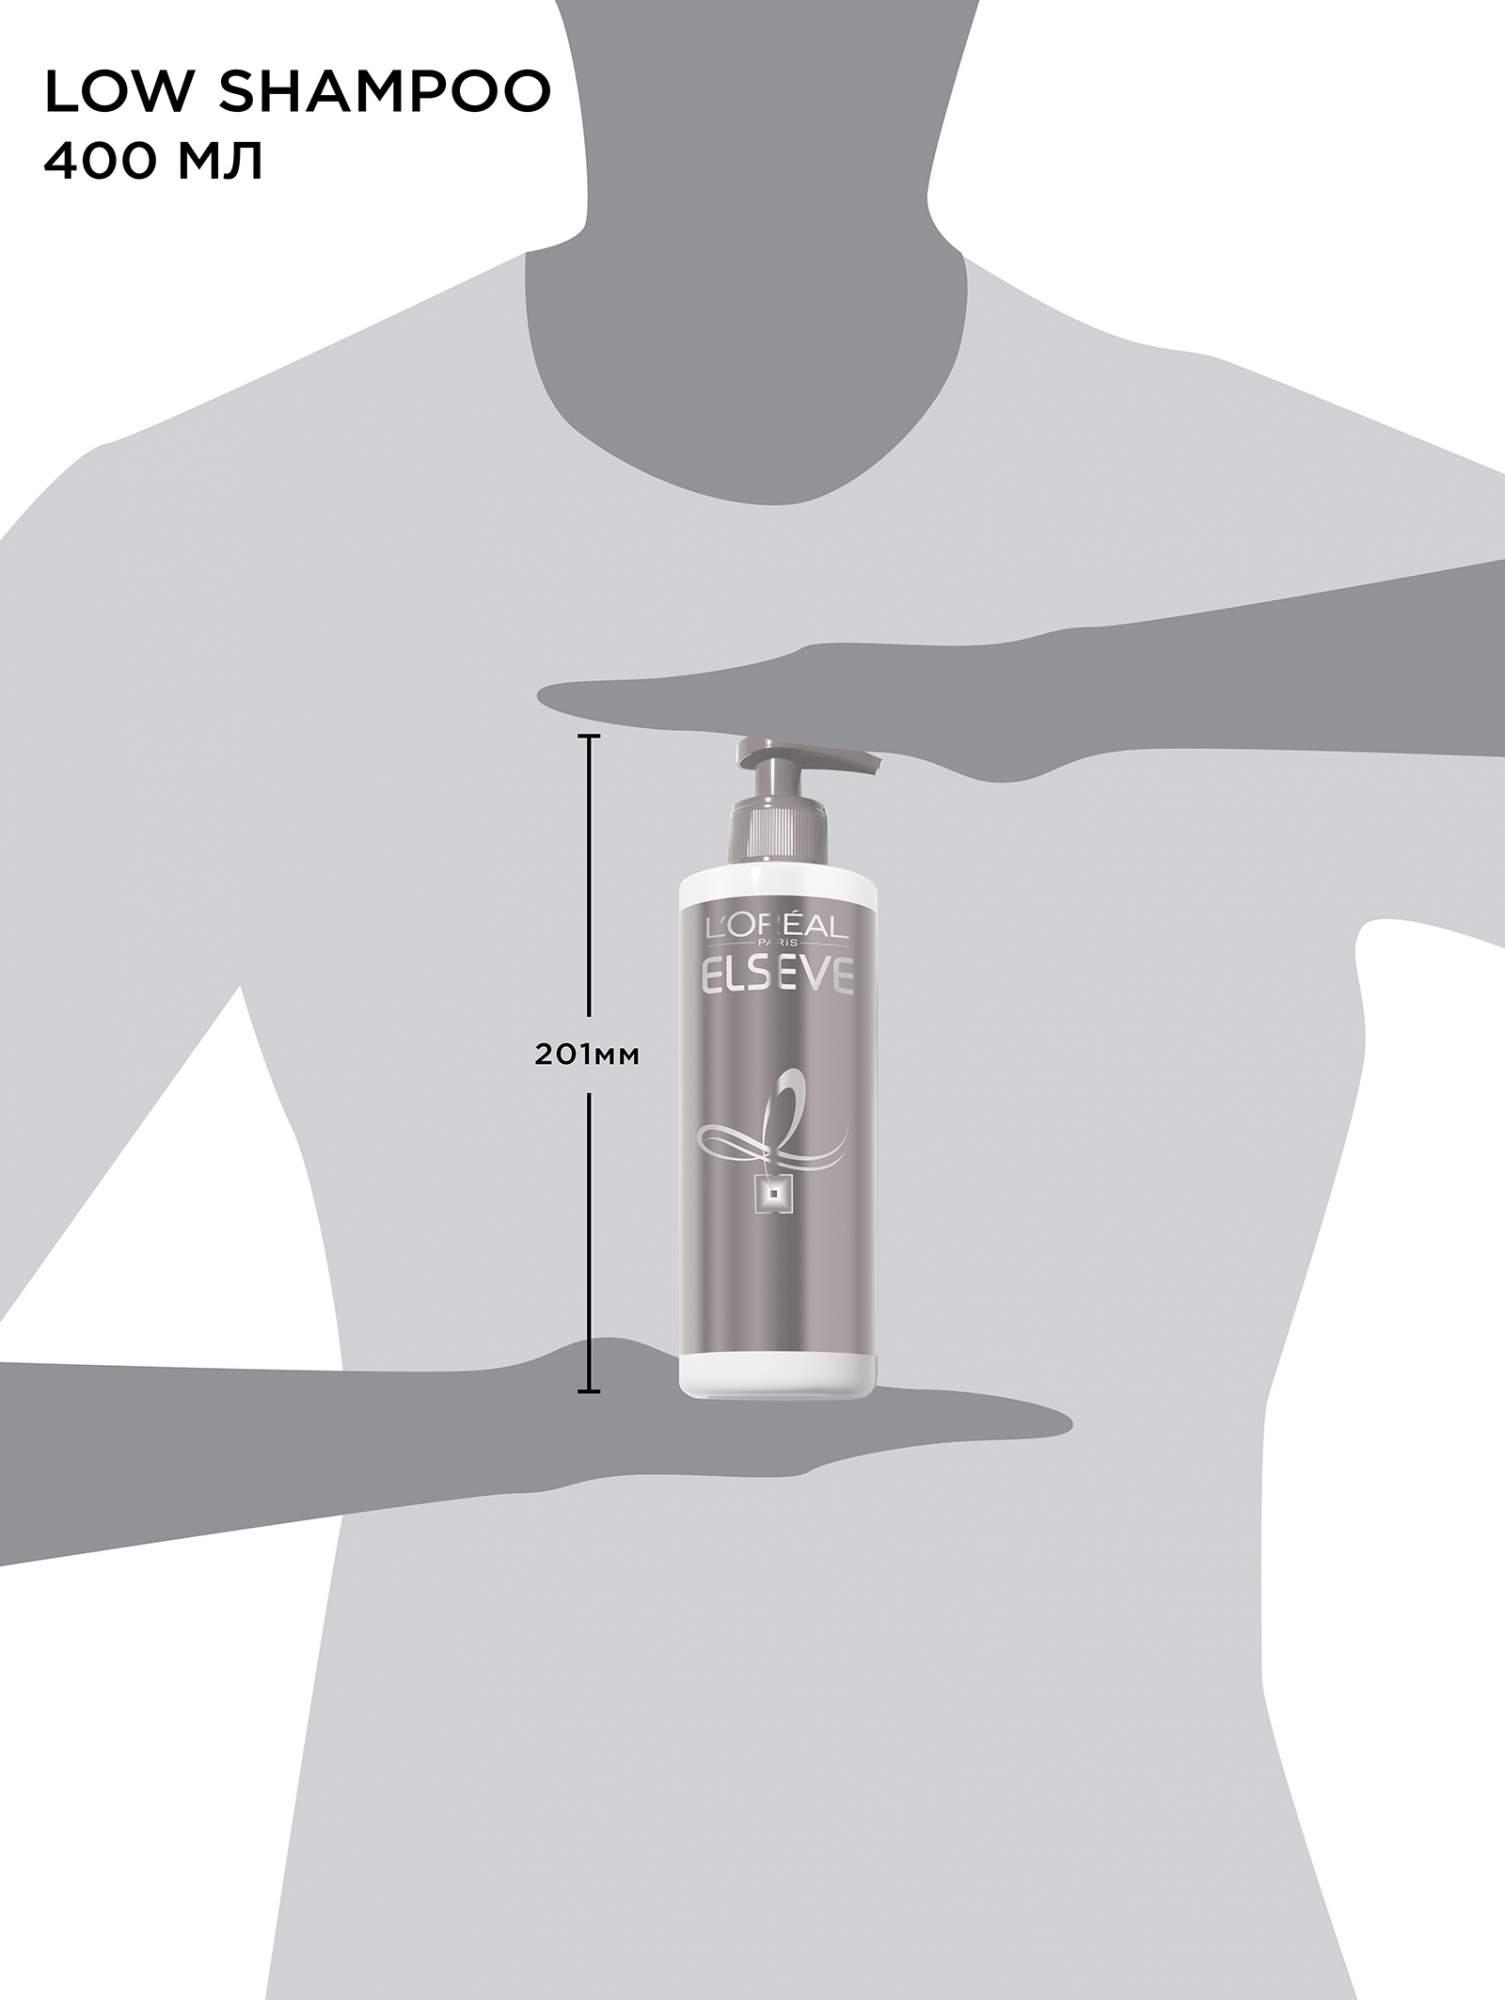 Миниатюра Шампунь L'Oreal Paris Elseve Low Shampoo Роскошь 6 масел 400 мл №3